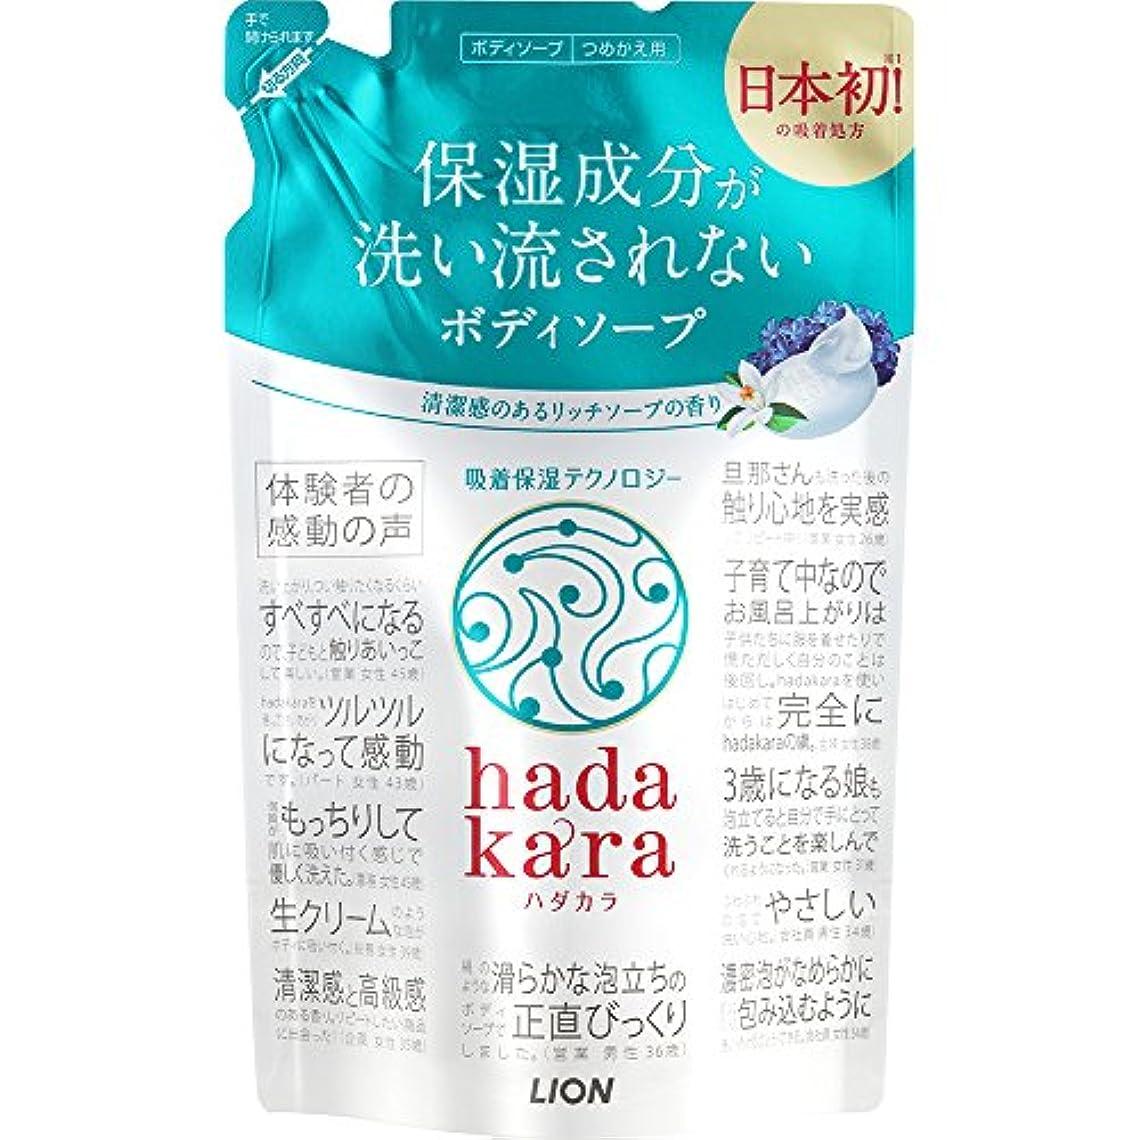 原因機関車服を洗うhadakara(ハダカラ) ボディソープ リッチソープの香り 詰め替え 360ml